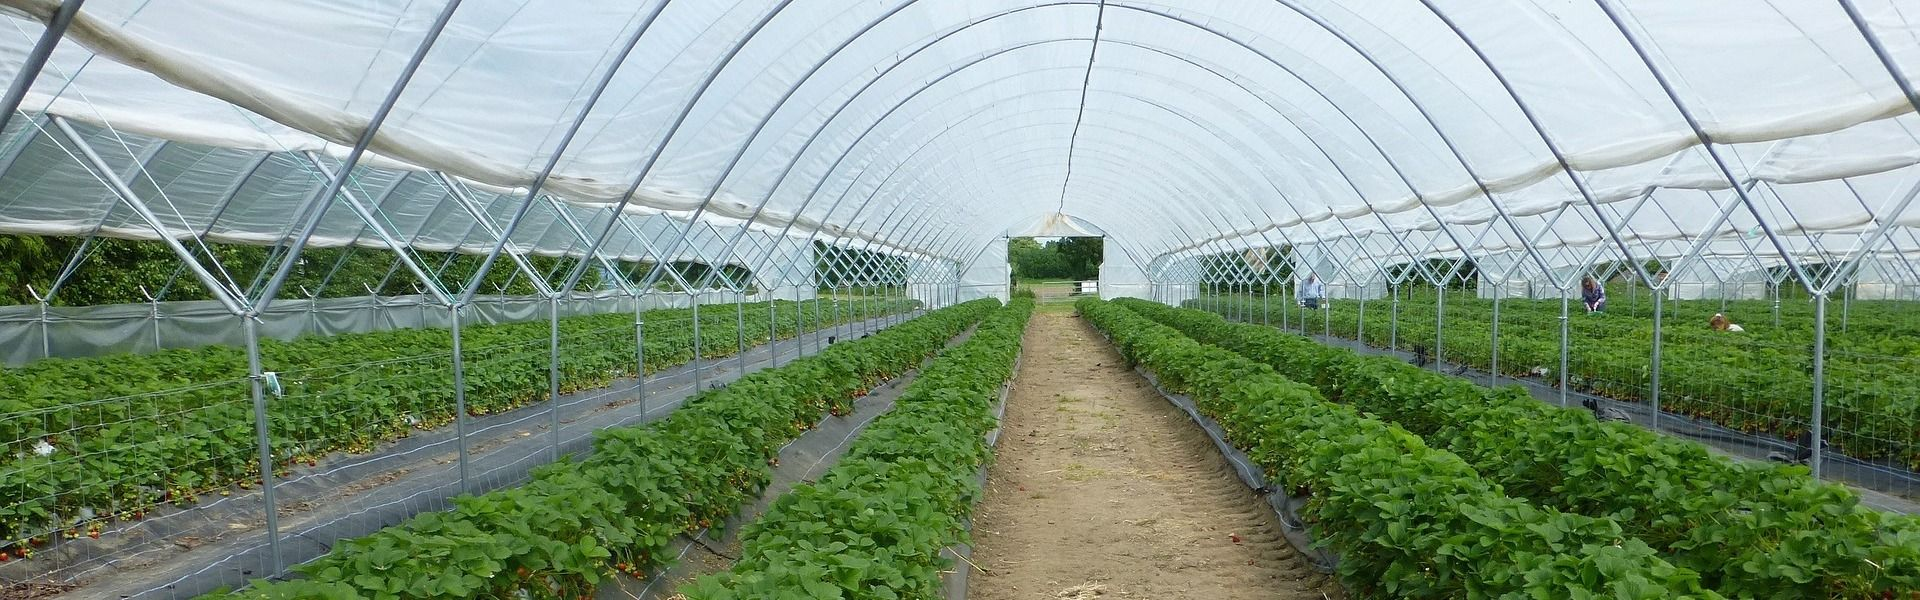 riscaldamento serre agricole ad alta efficienza